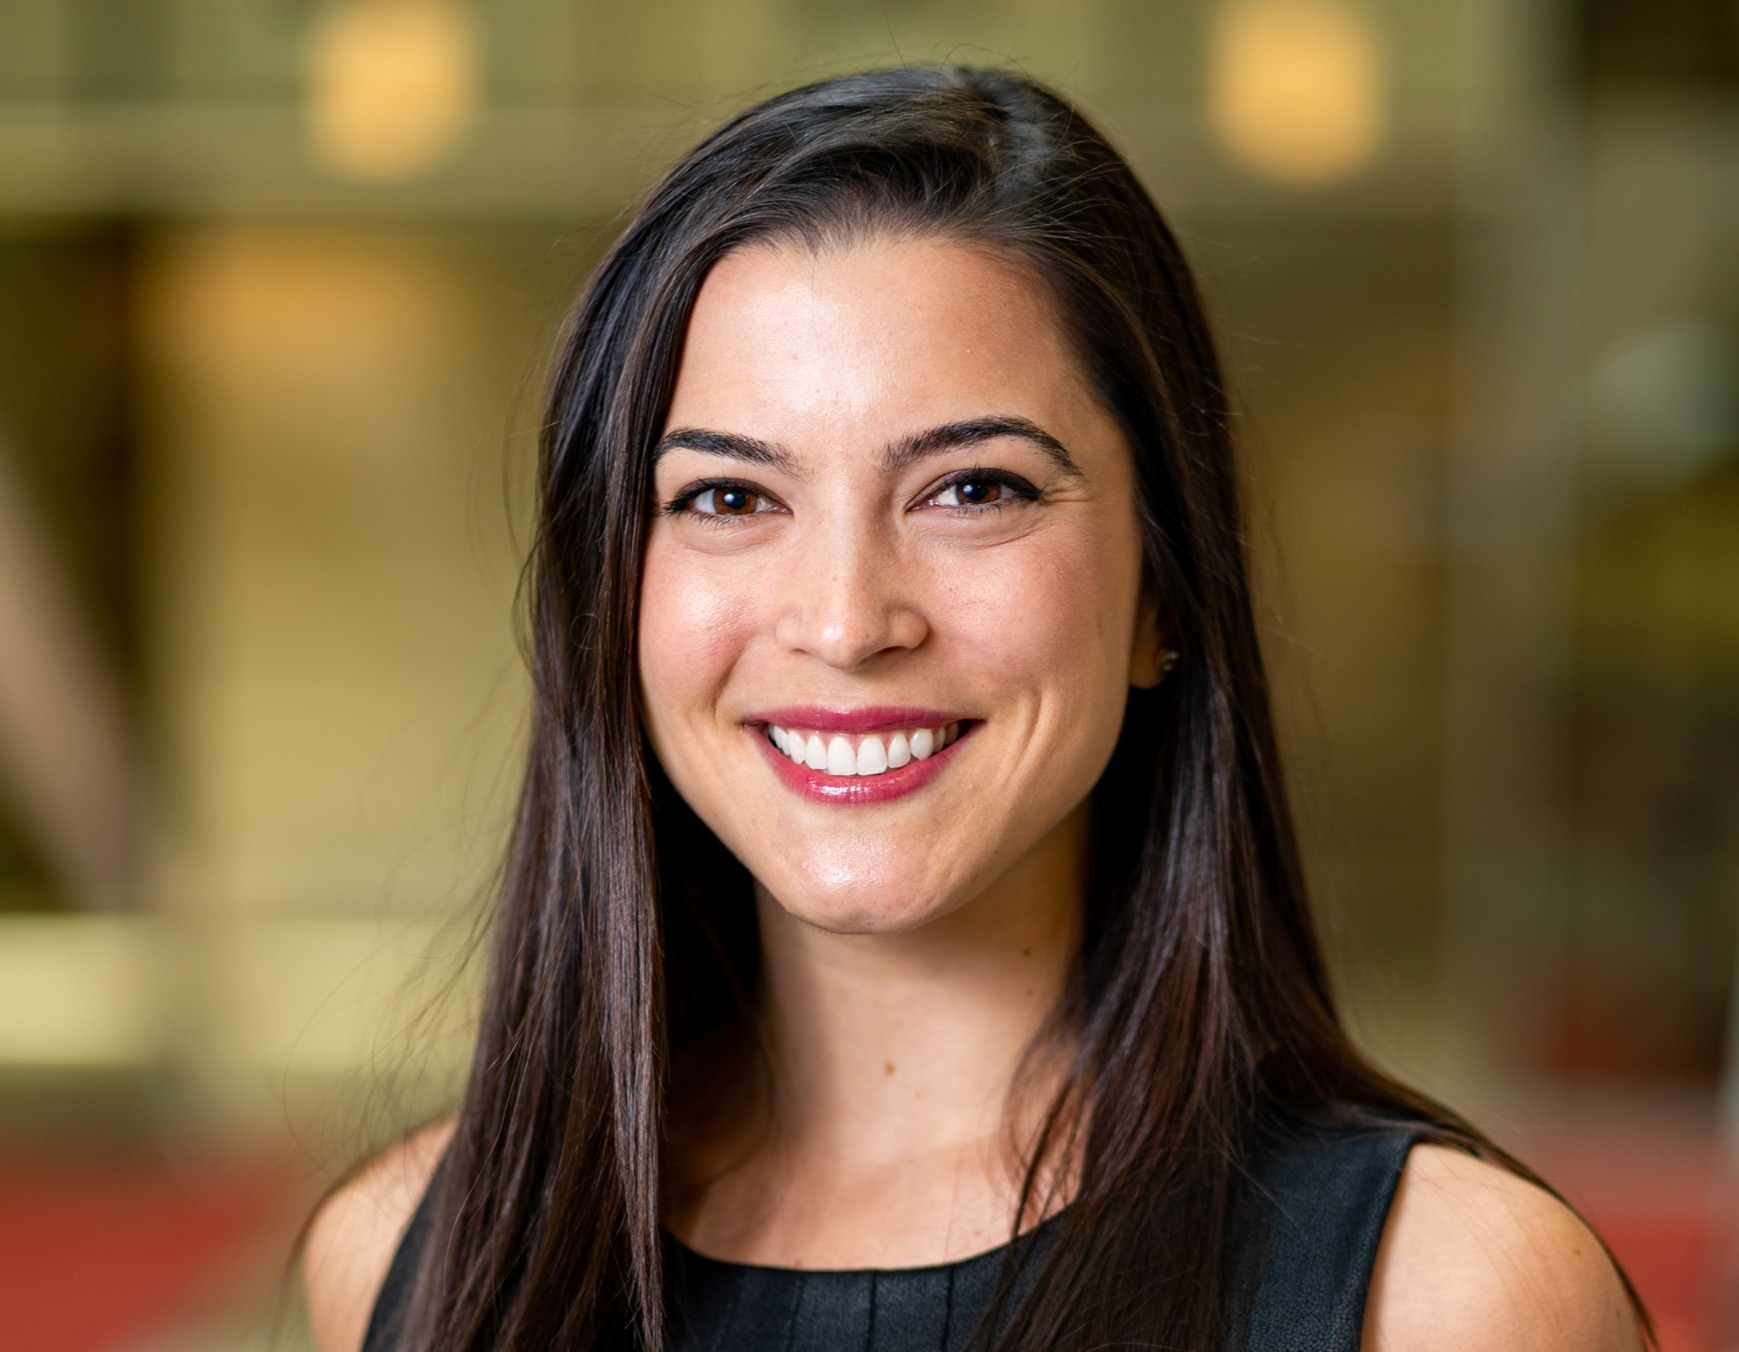 Paige Moudgil